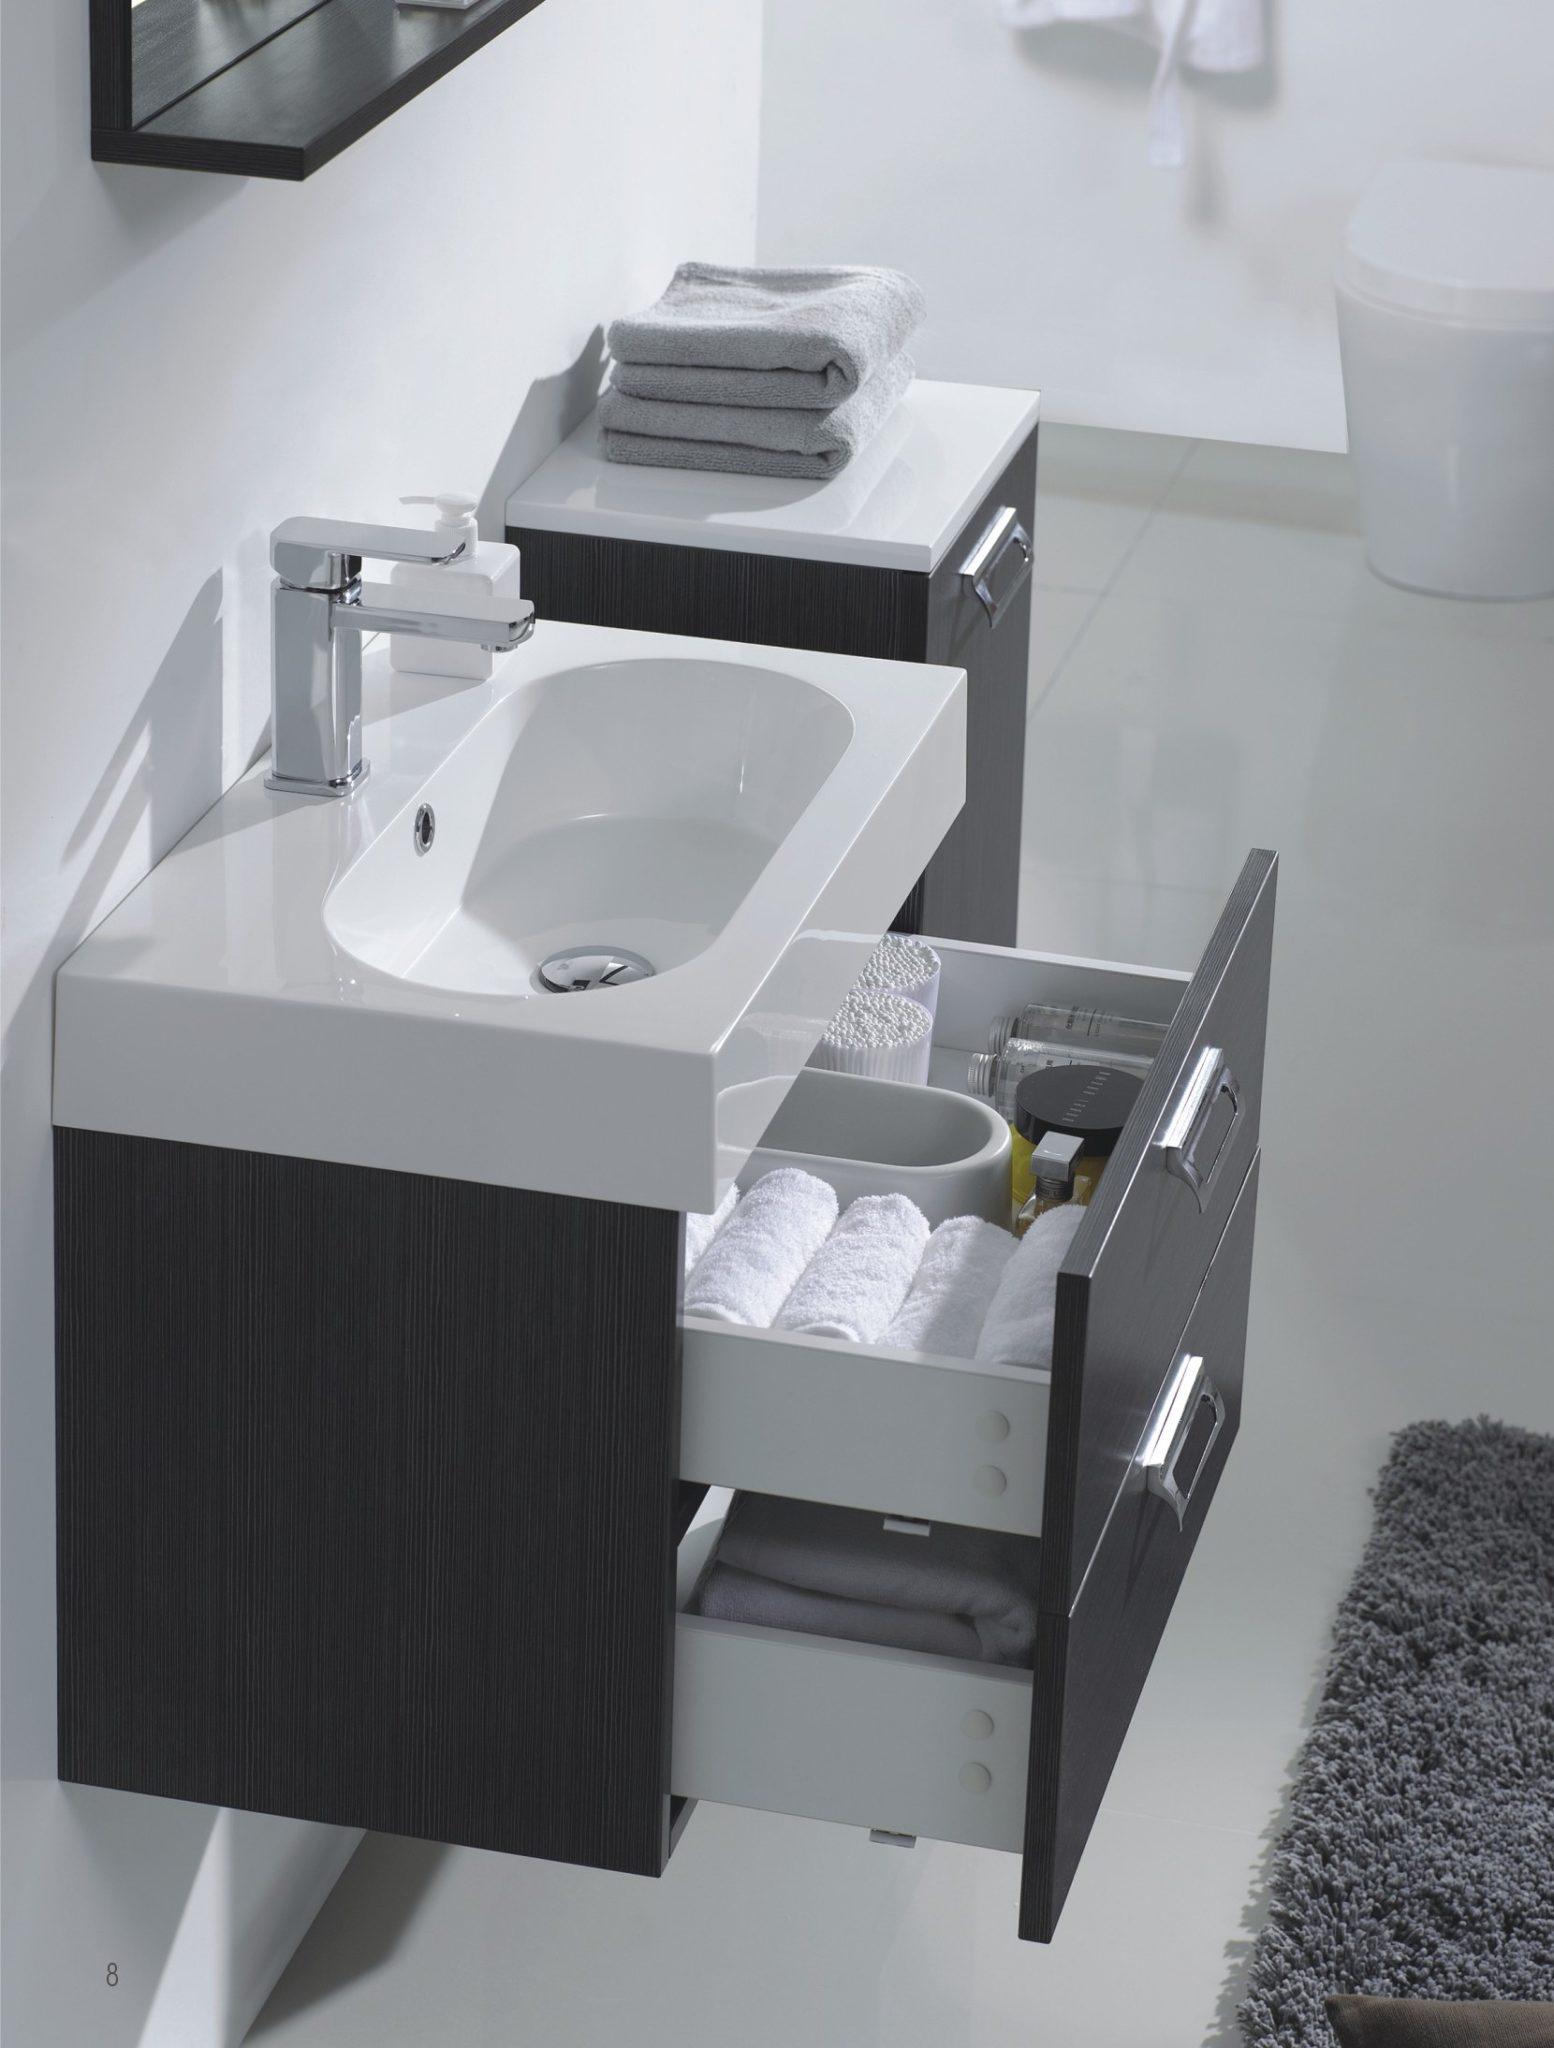 Mobile bagno da 60 cm offerte box per doccia for Mobile bagno 60